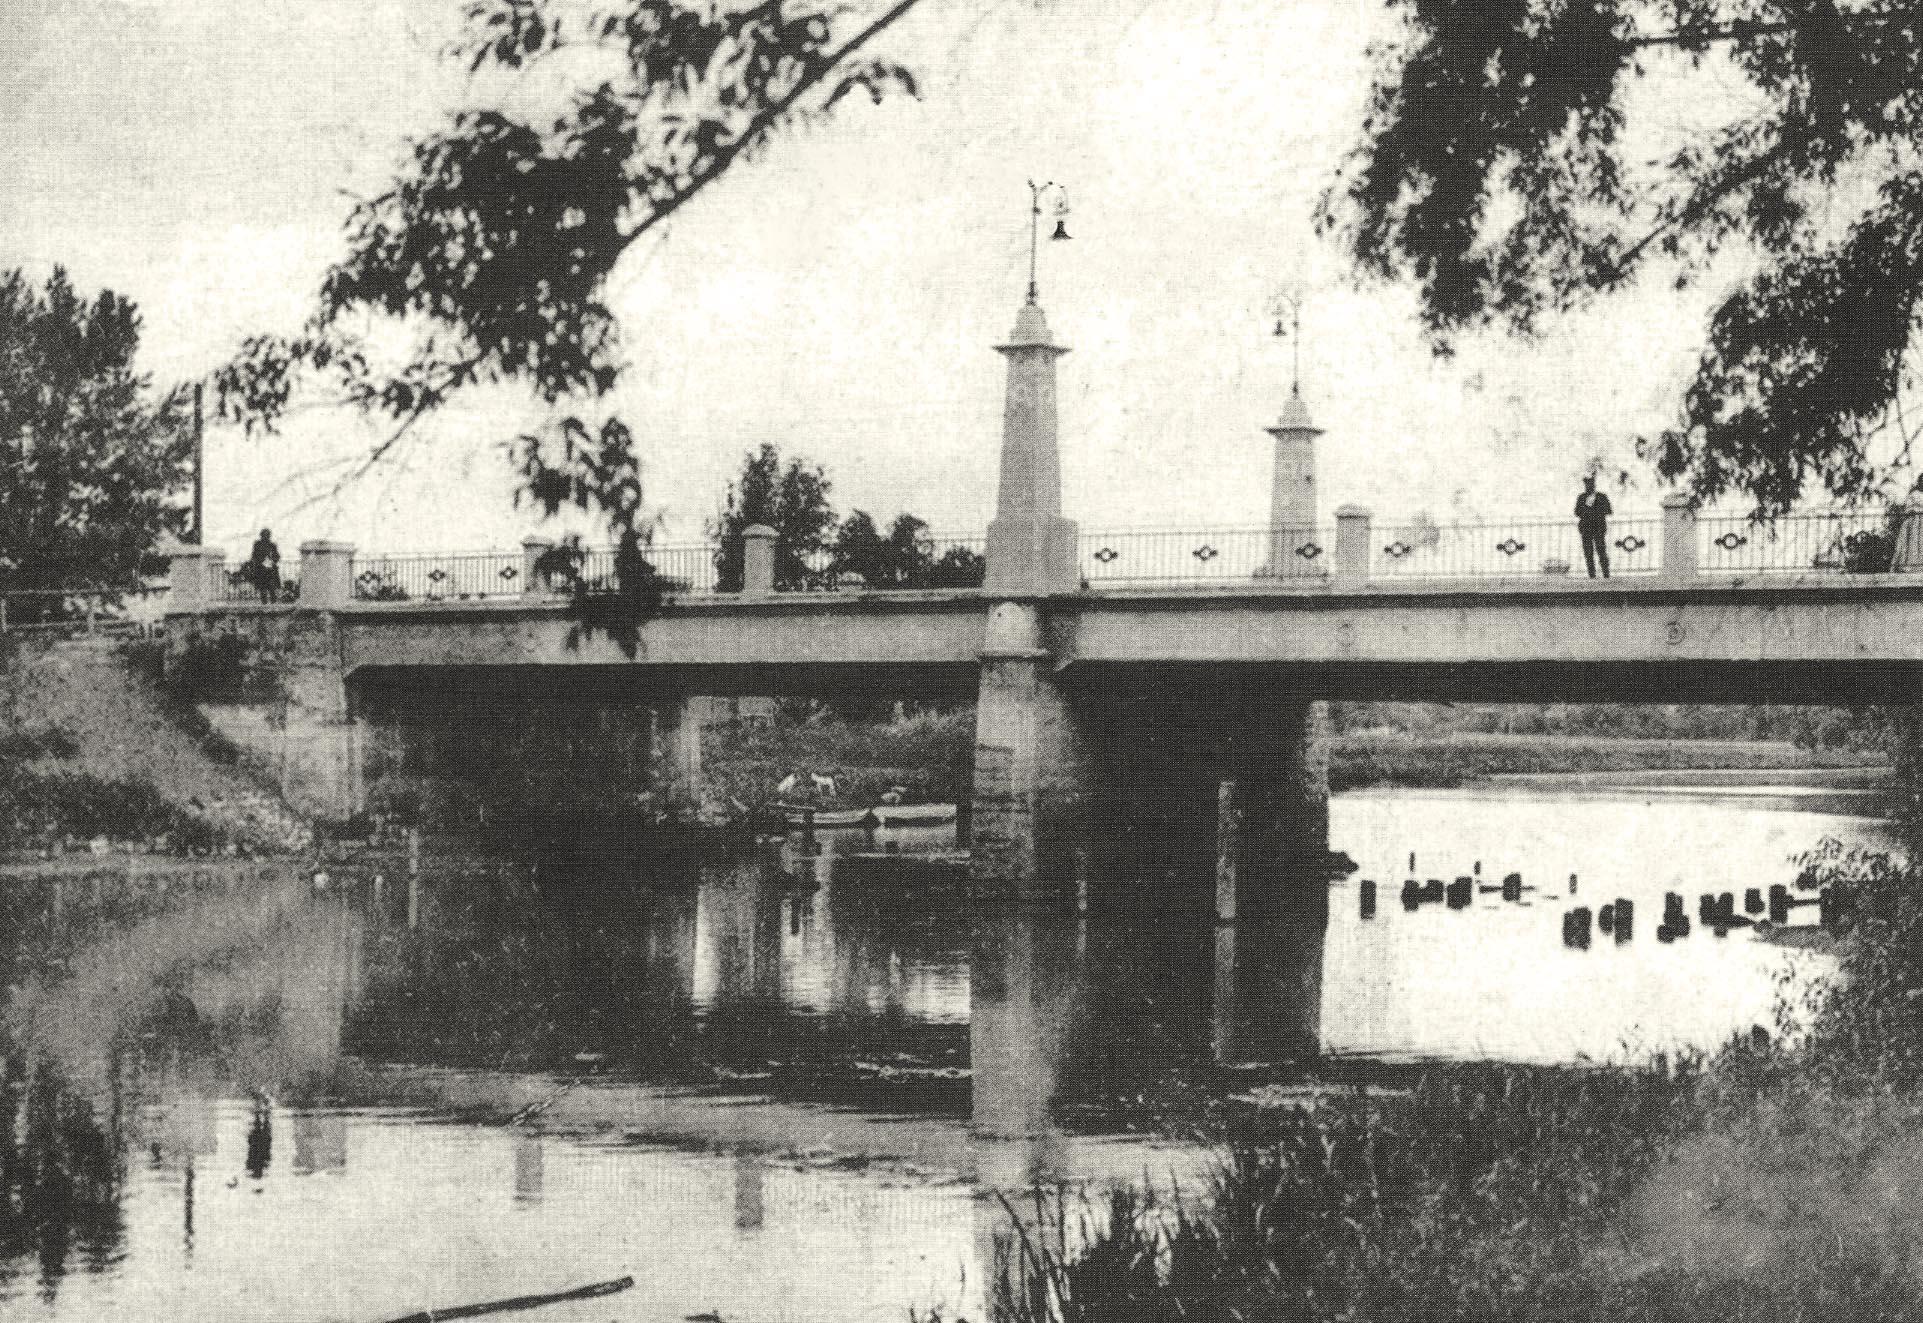 Бетонный мост через реку Сумку в районе усадьбы Харитоненко